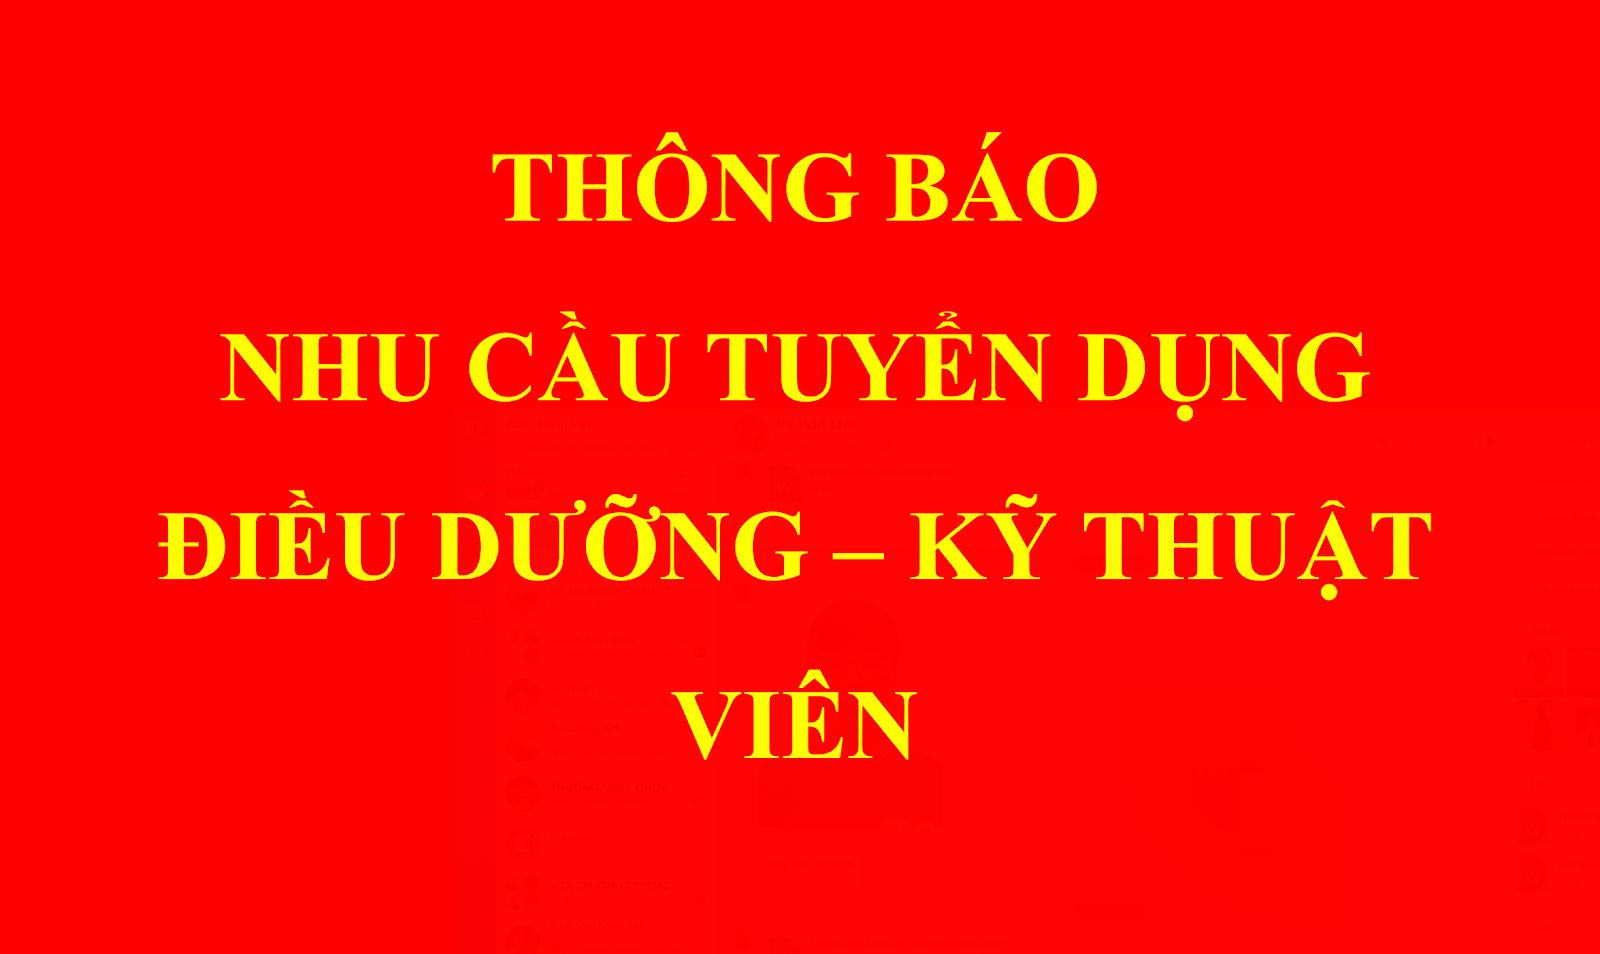 THÔNG BÁO NHU CẦU TUYỂN DỤNG (ĐIỀU DƯỠNG - KTV) 2020